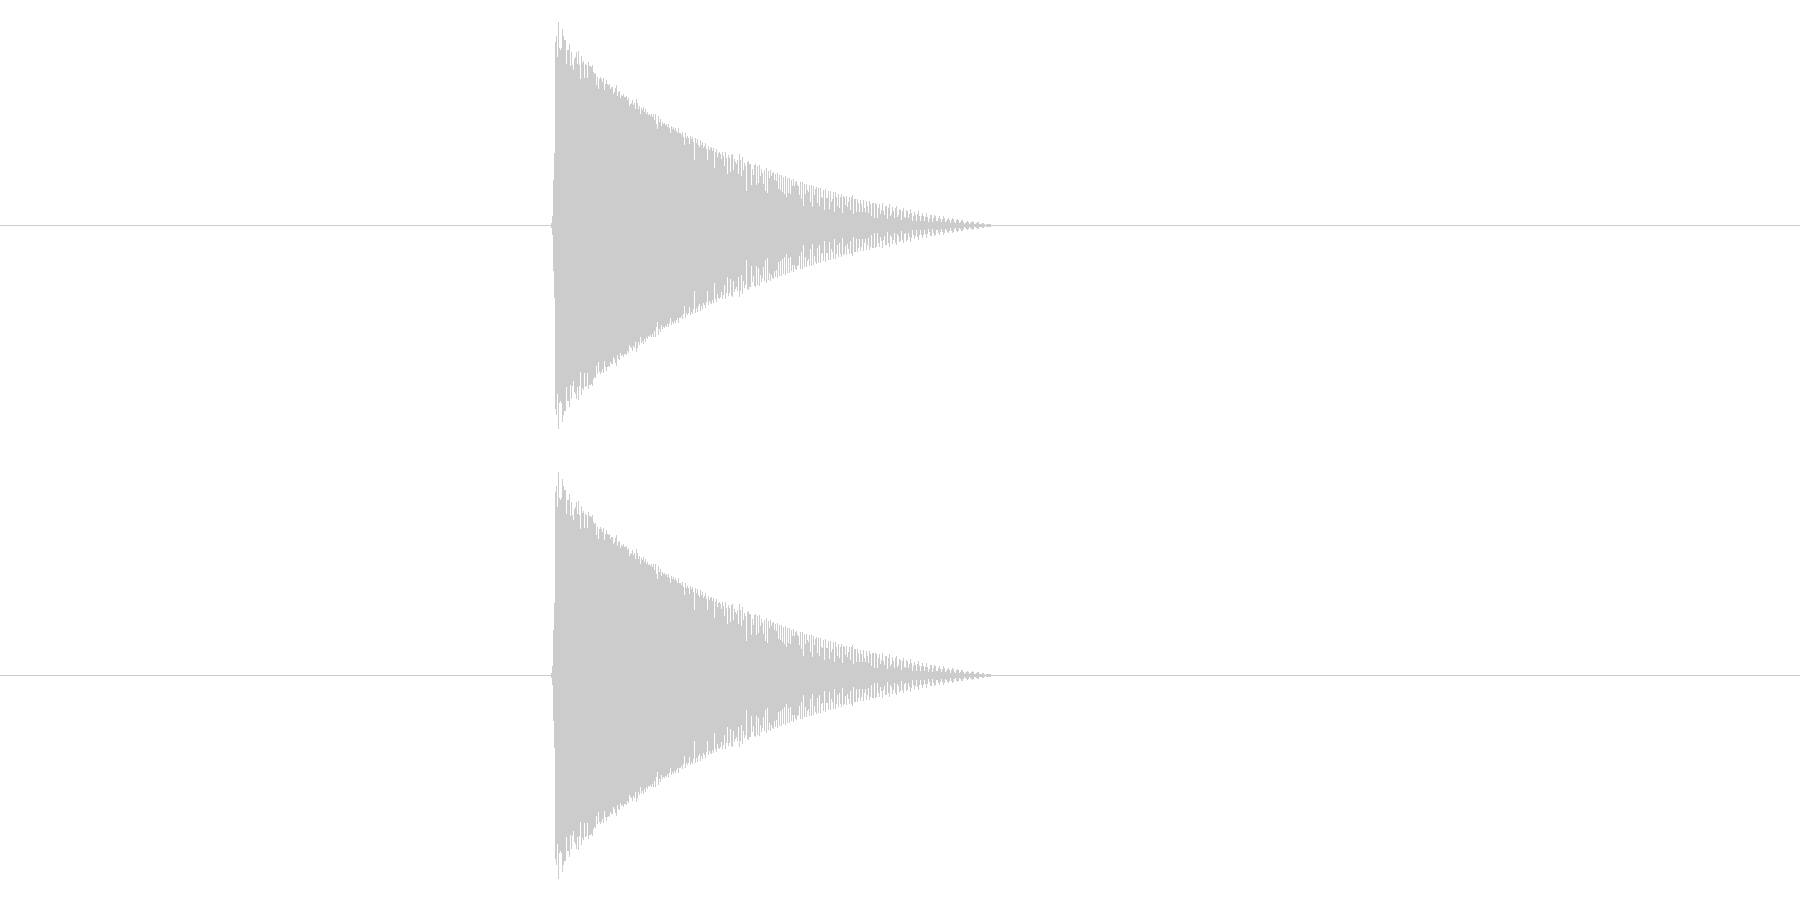 ファミコン風_ピュン_弾を打つ音5の未再生の波形